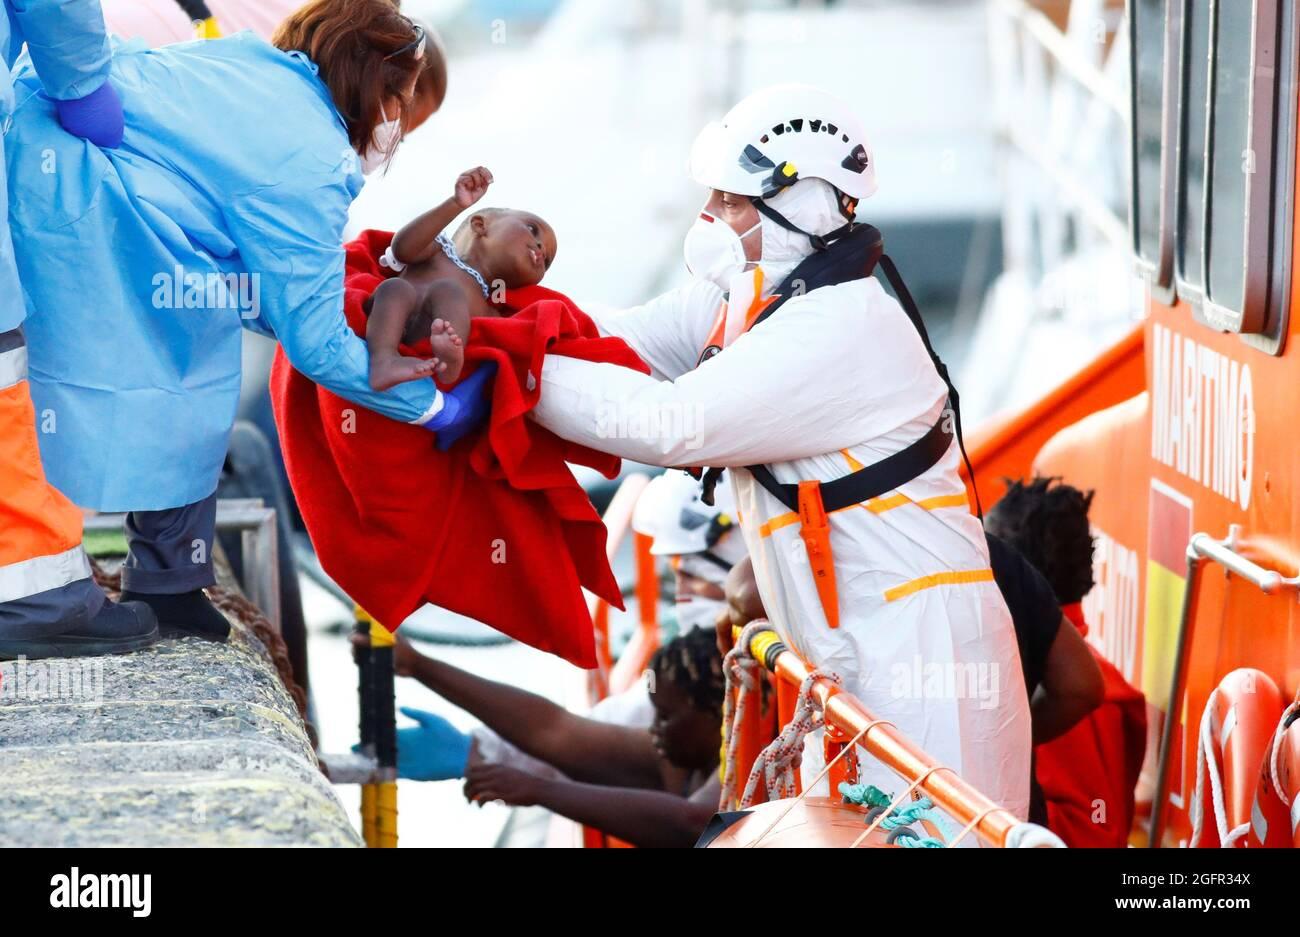 I soccorritori aiutano un bambino migrante a sbarcare da una nave di guardia costiera spagnola, nel porto di Arguineguin, nell'isola di Gran Canaria, Spagna, 26 agosto 2021. REUTERS/Borja Suarez Foto Stock